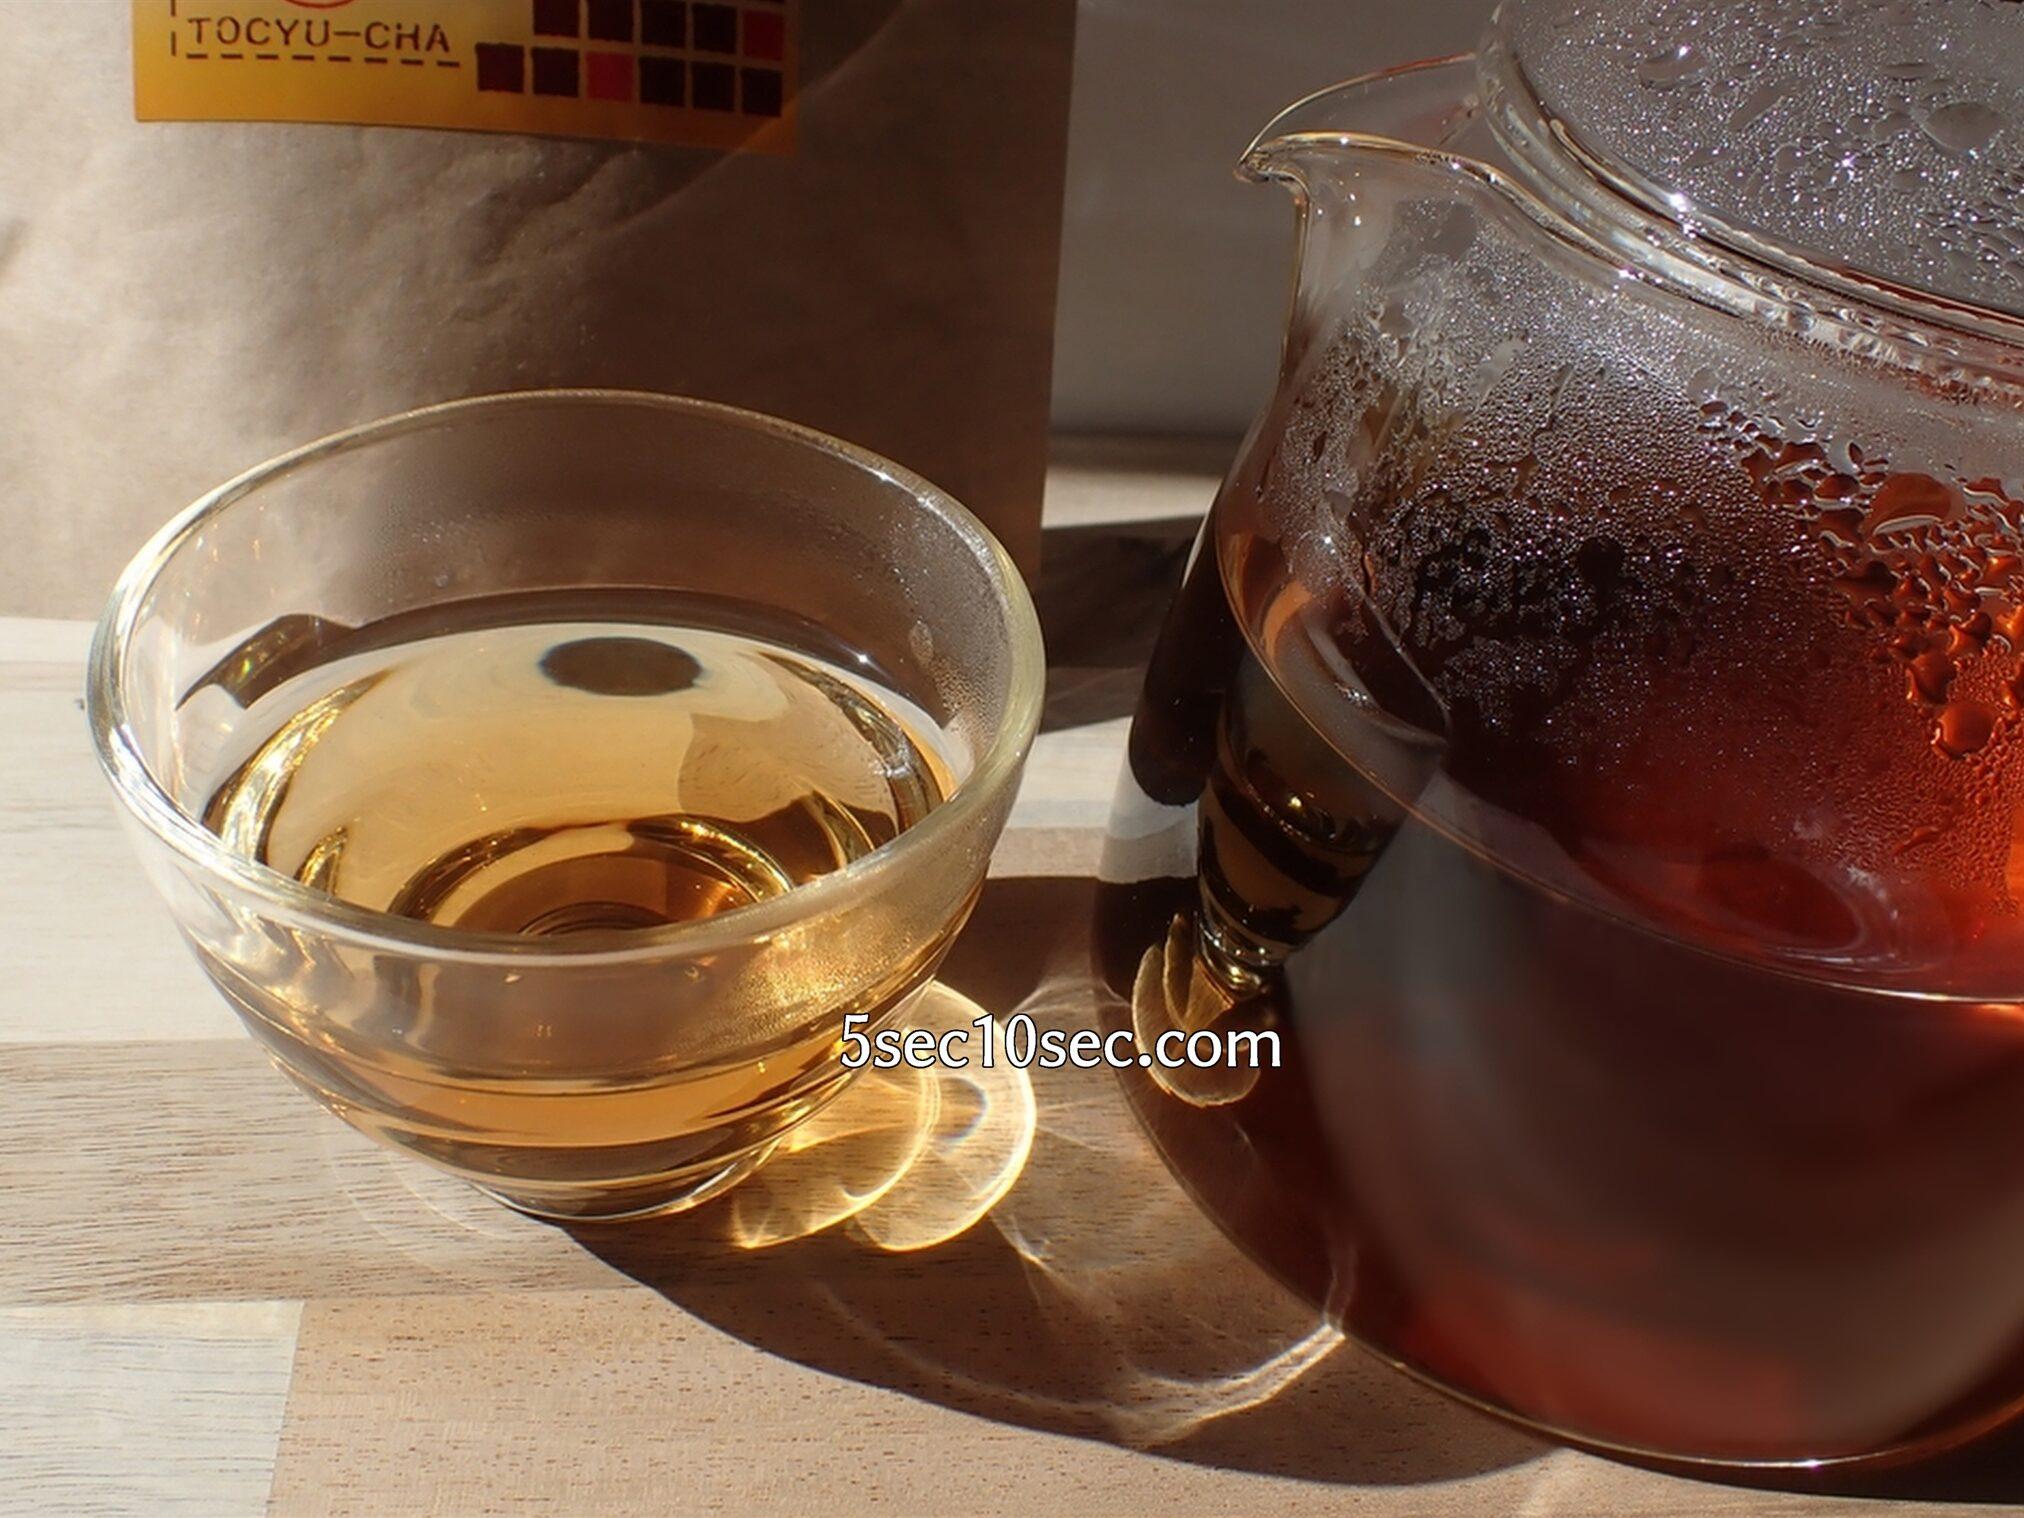 有限会社山年園 杜仲茶 国産 リグナン化合物、イリノイド化合物も含まれるお茶です